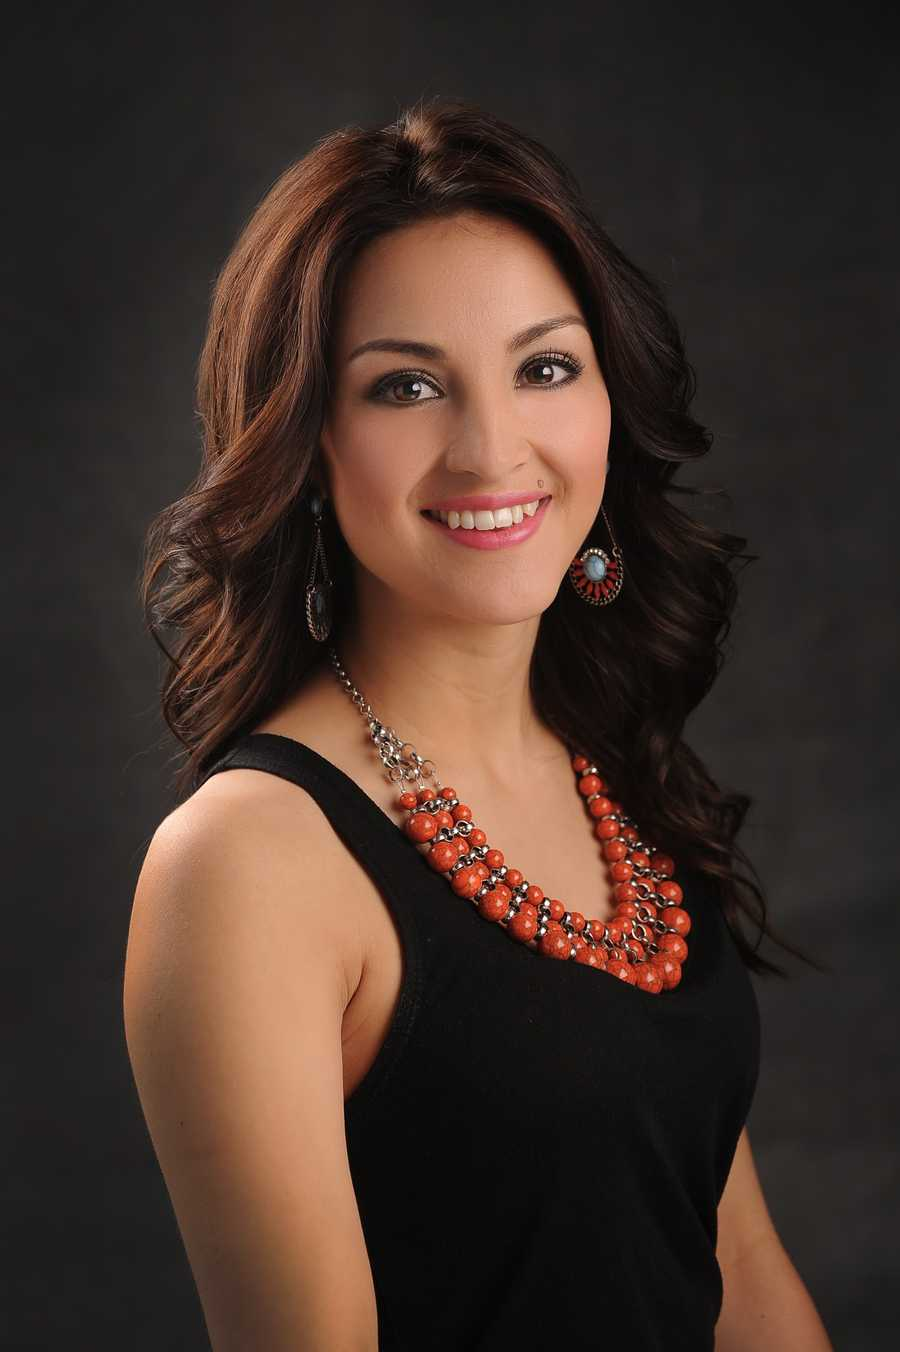 Sarah Saldana, Miss Alamagordo